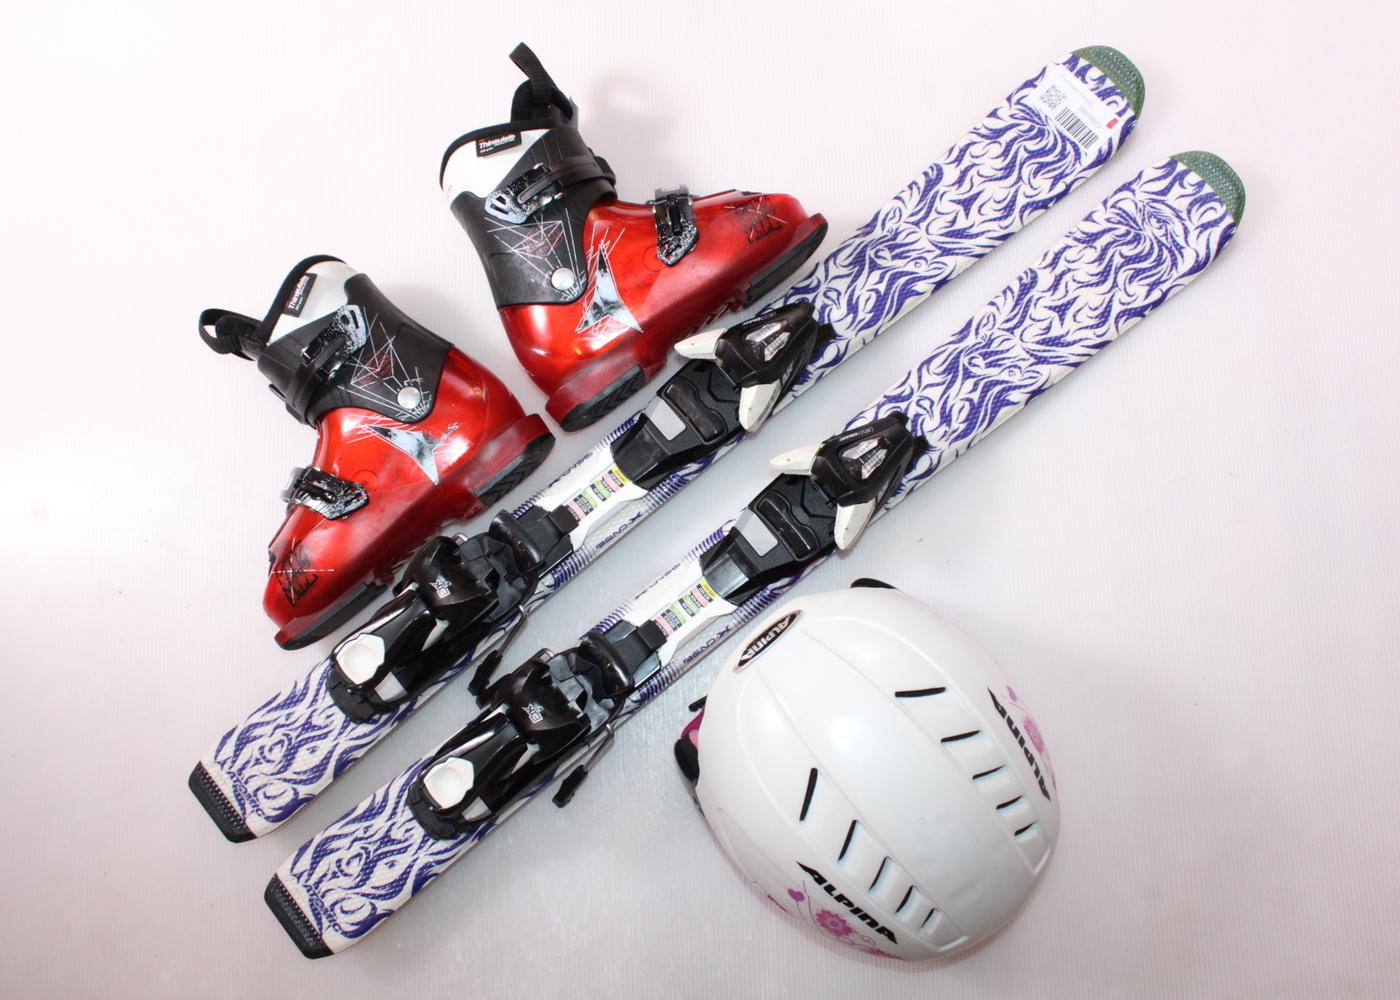 Dětské lyže ATOMIC ANIMAL FUN 90 cm + lyžáky  31EU + helma